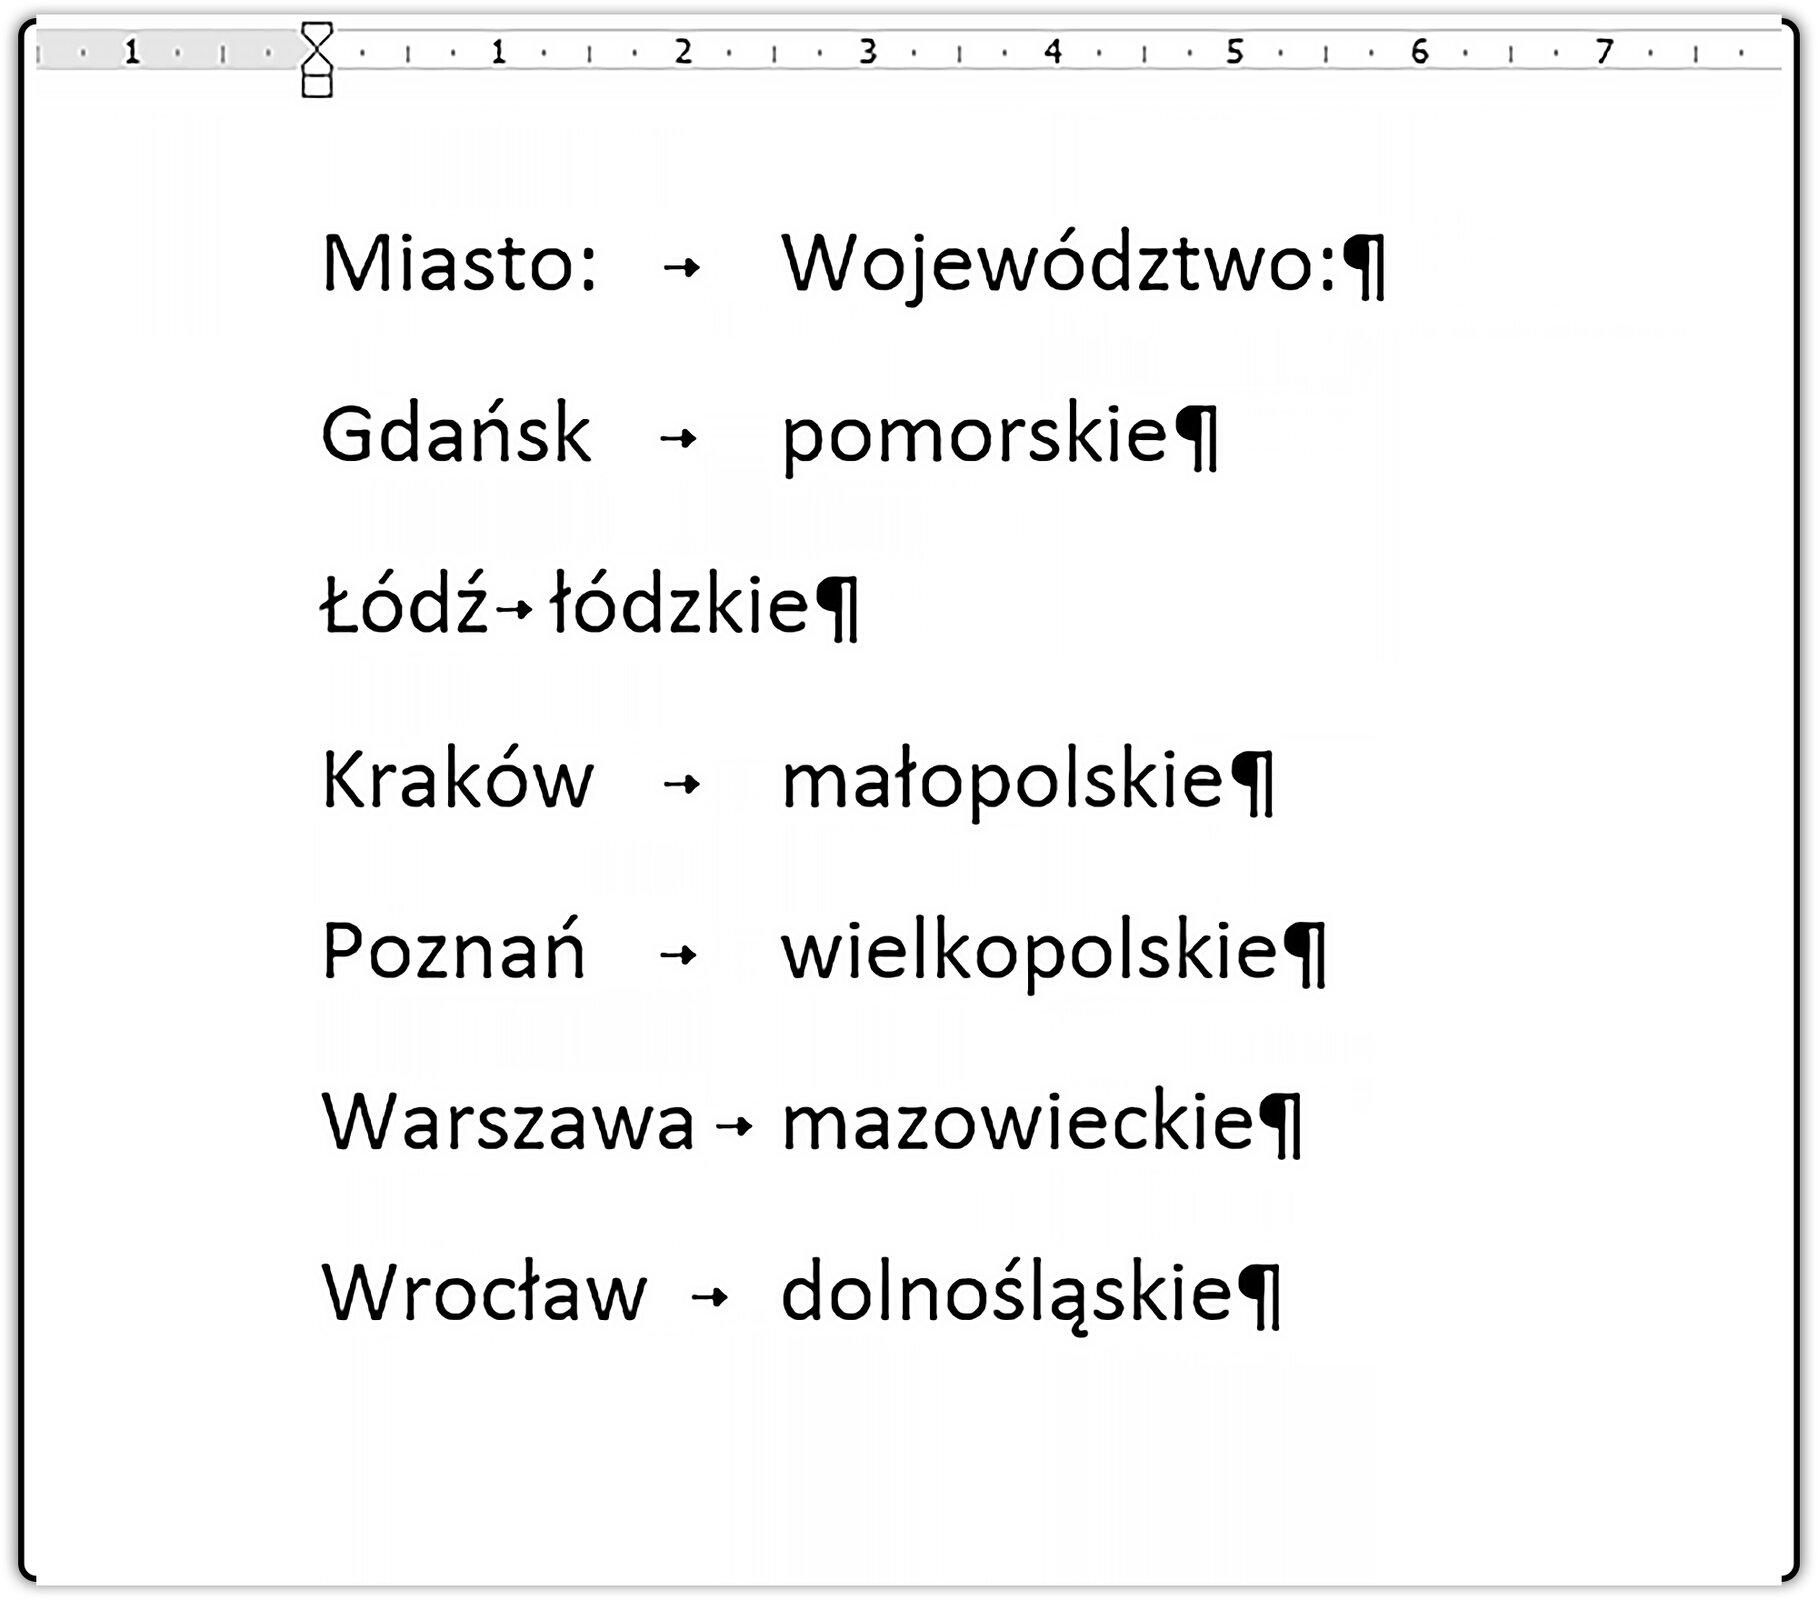 Slajd 1 galerii zrzutów dokumentu zzastosowaniem tabulatora